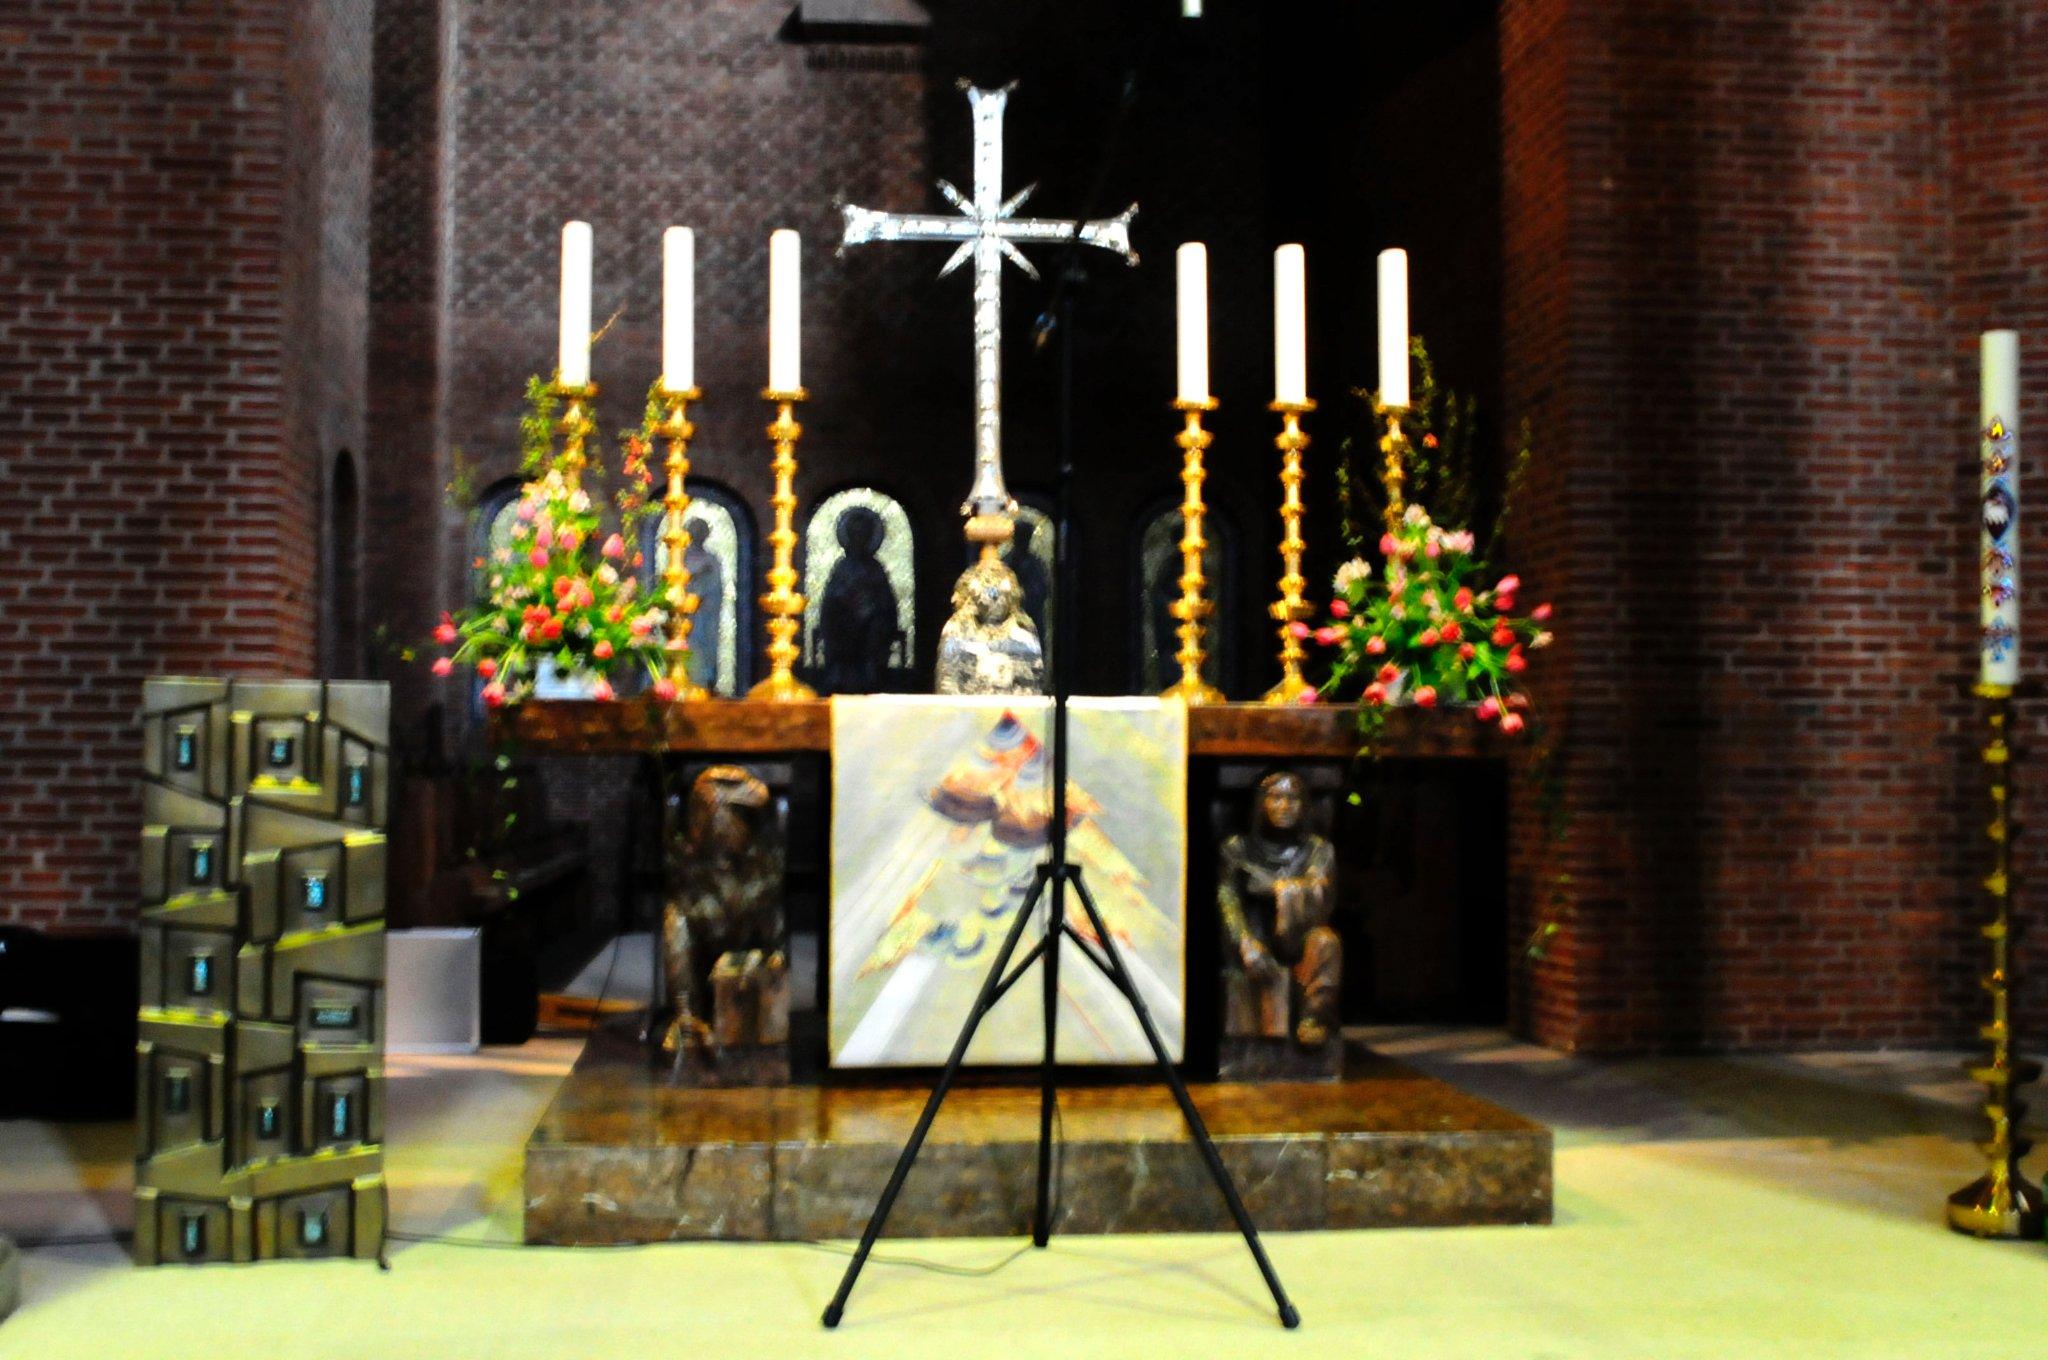 20120422 Reformations Gedaechtniskirche 005